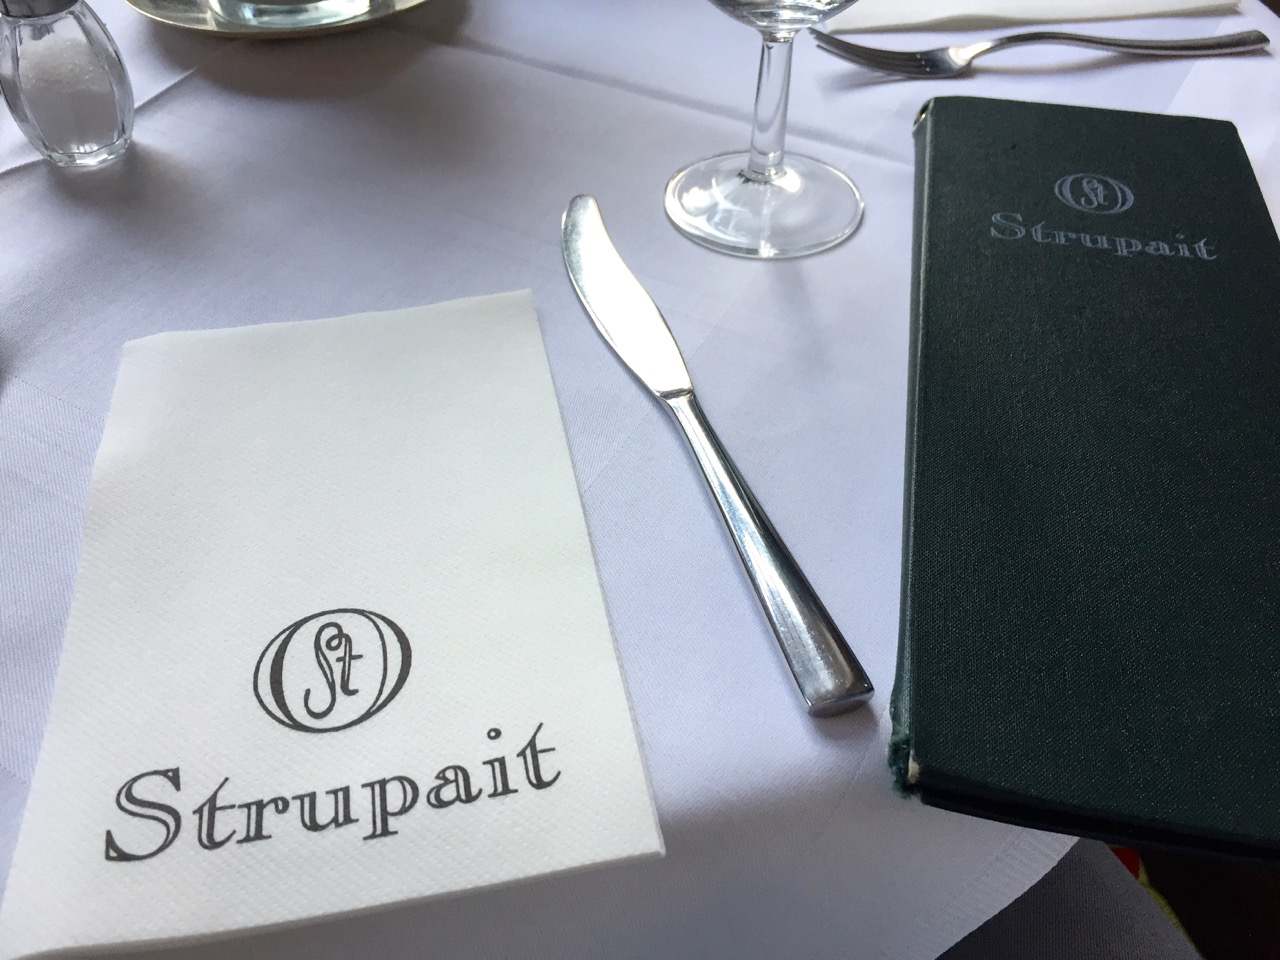 Cafe Strupait